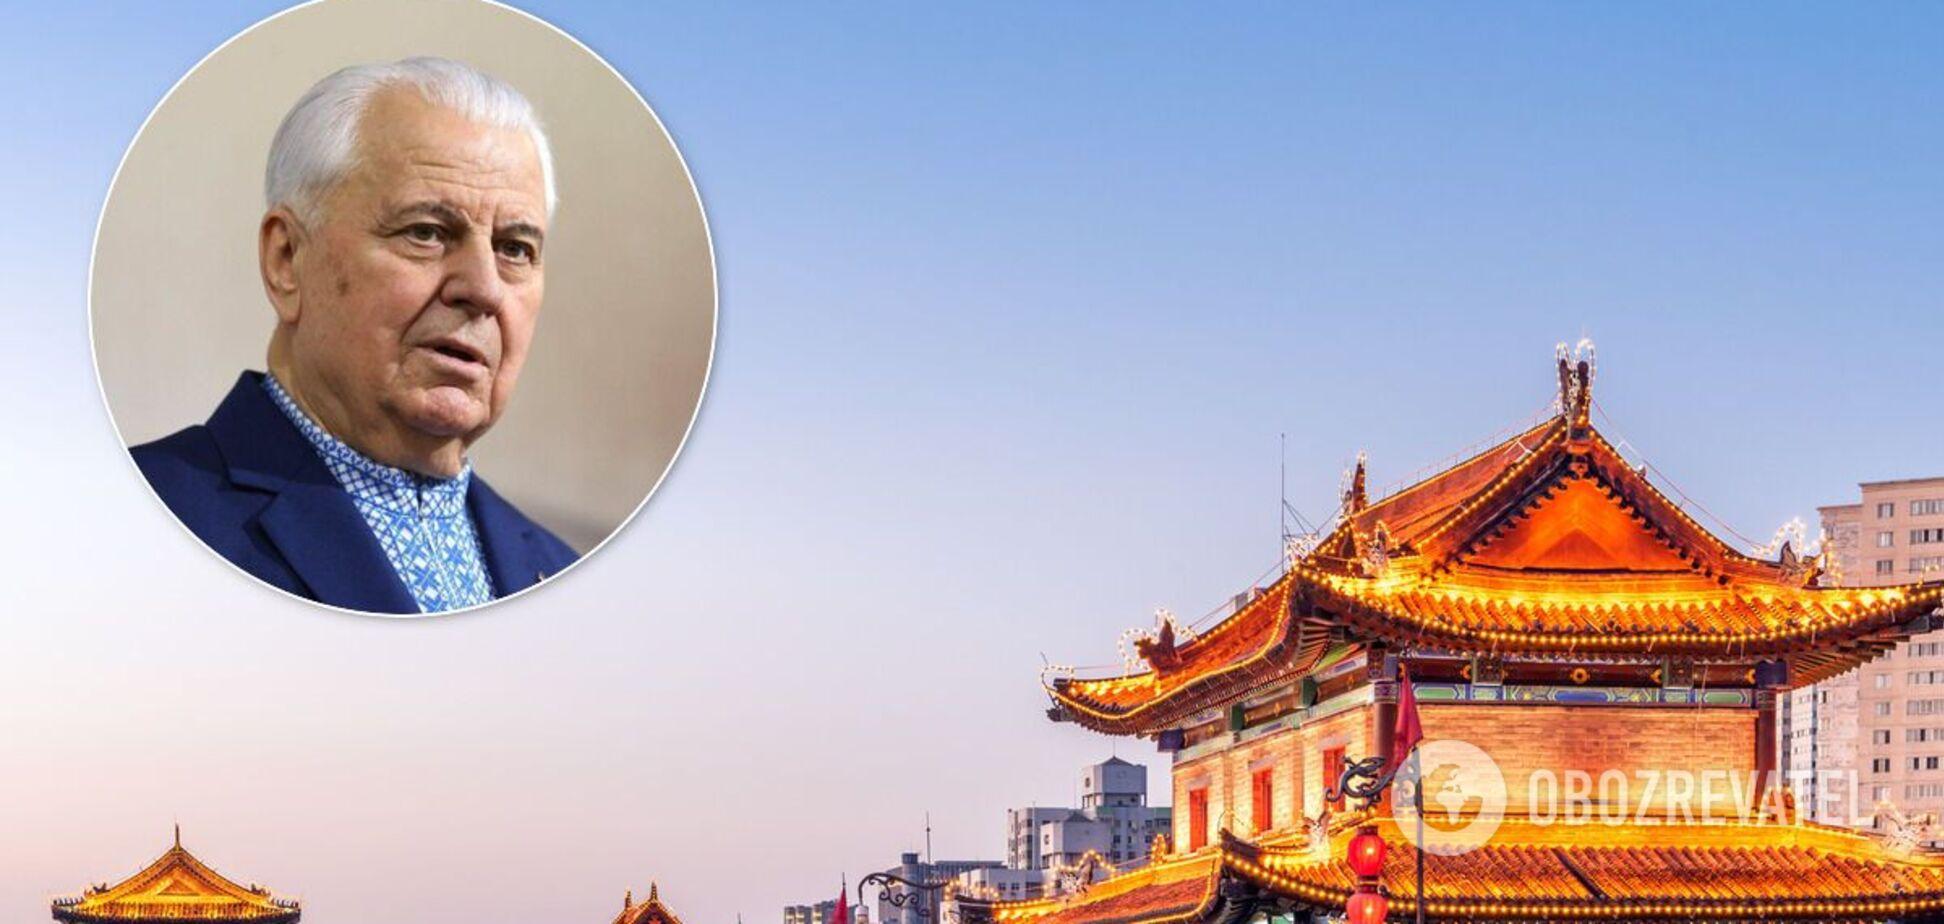 Кравчук виявився з китайським привітом